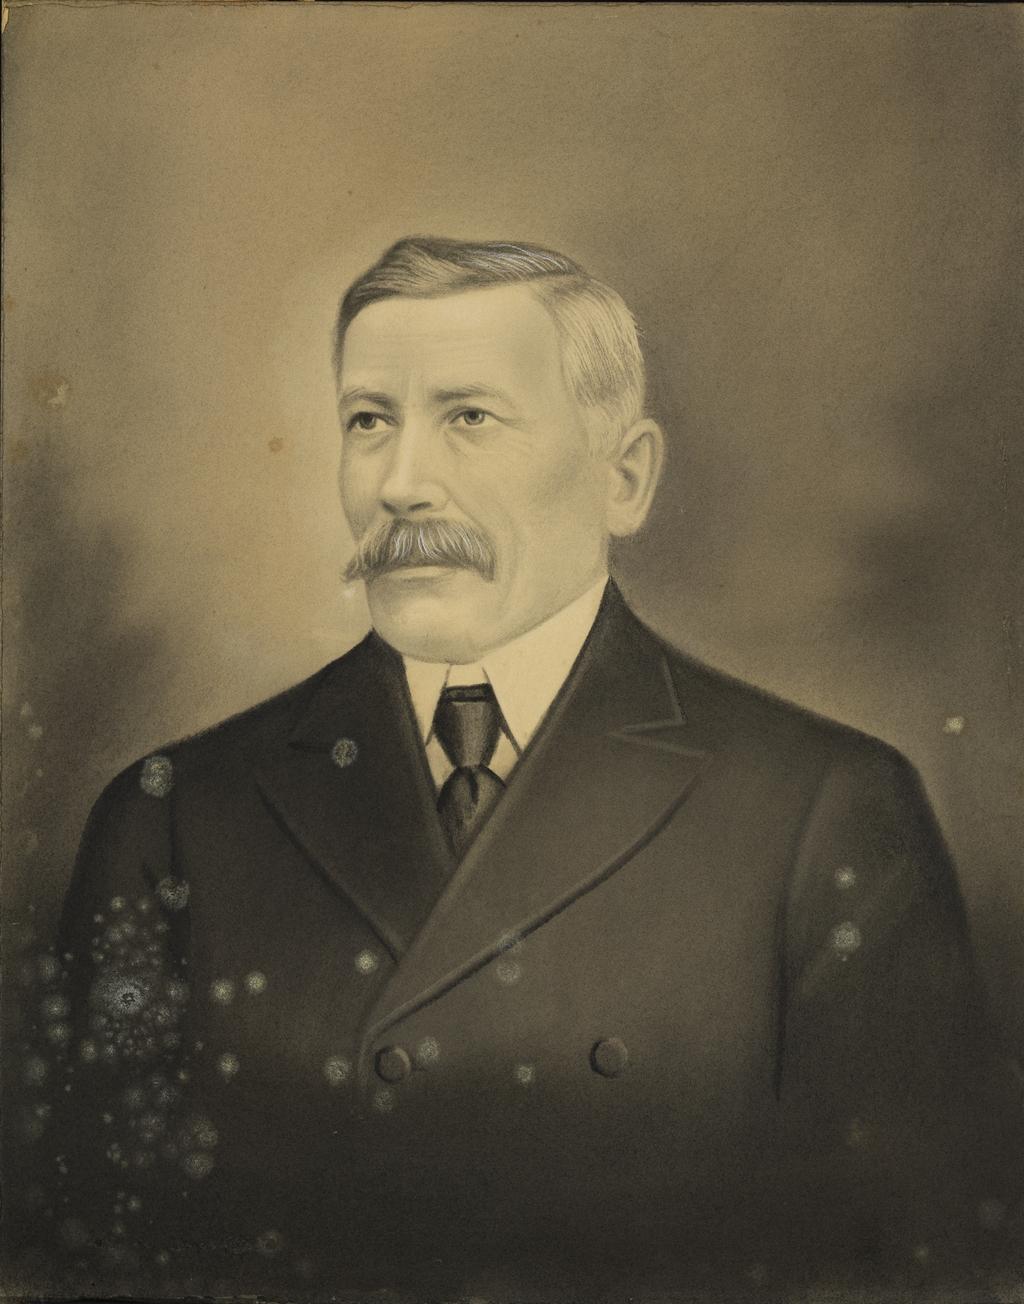 Napoléon Brousseau, beau-frère de l'artiste